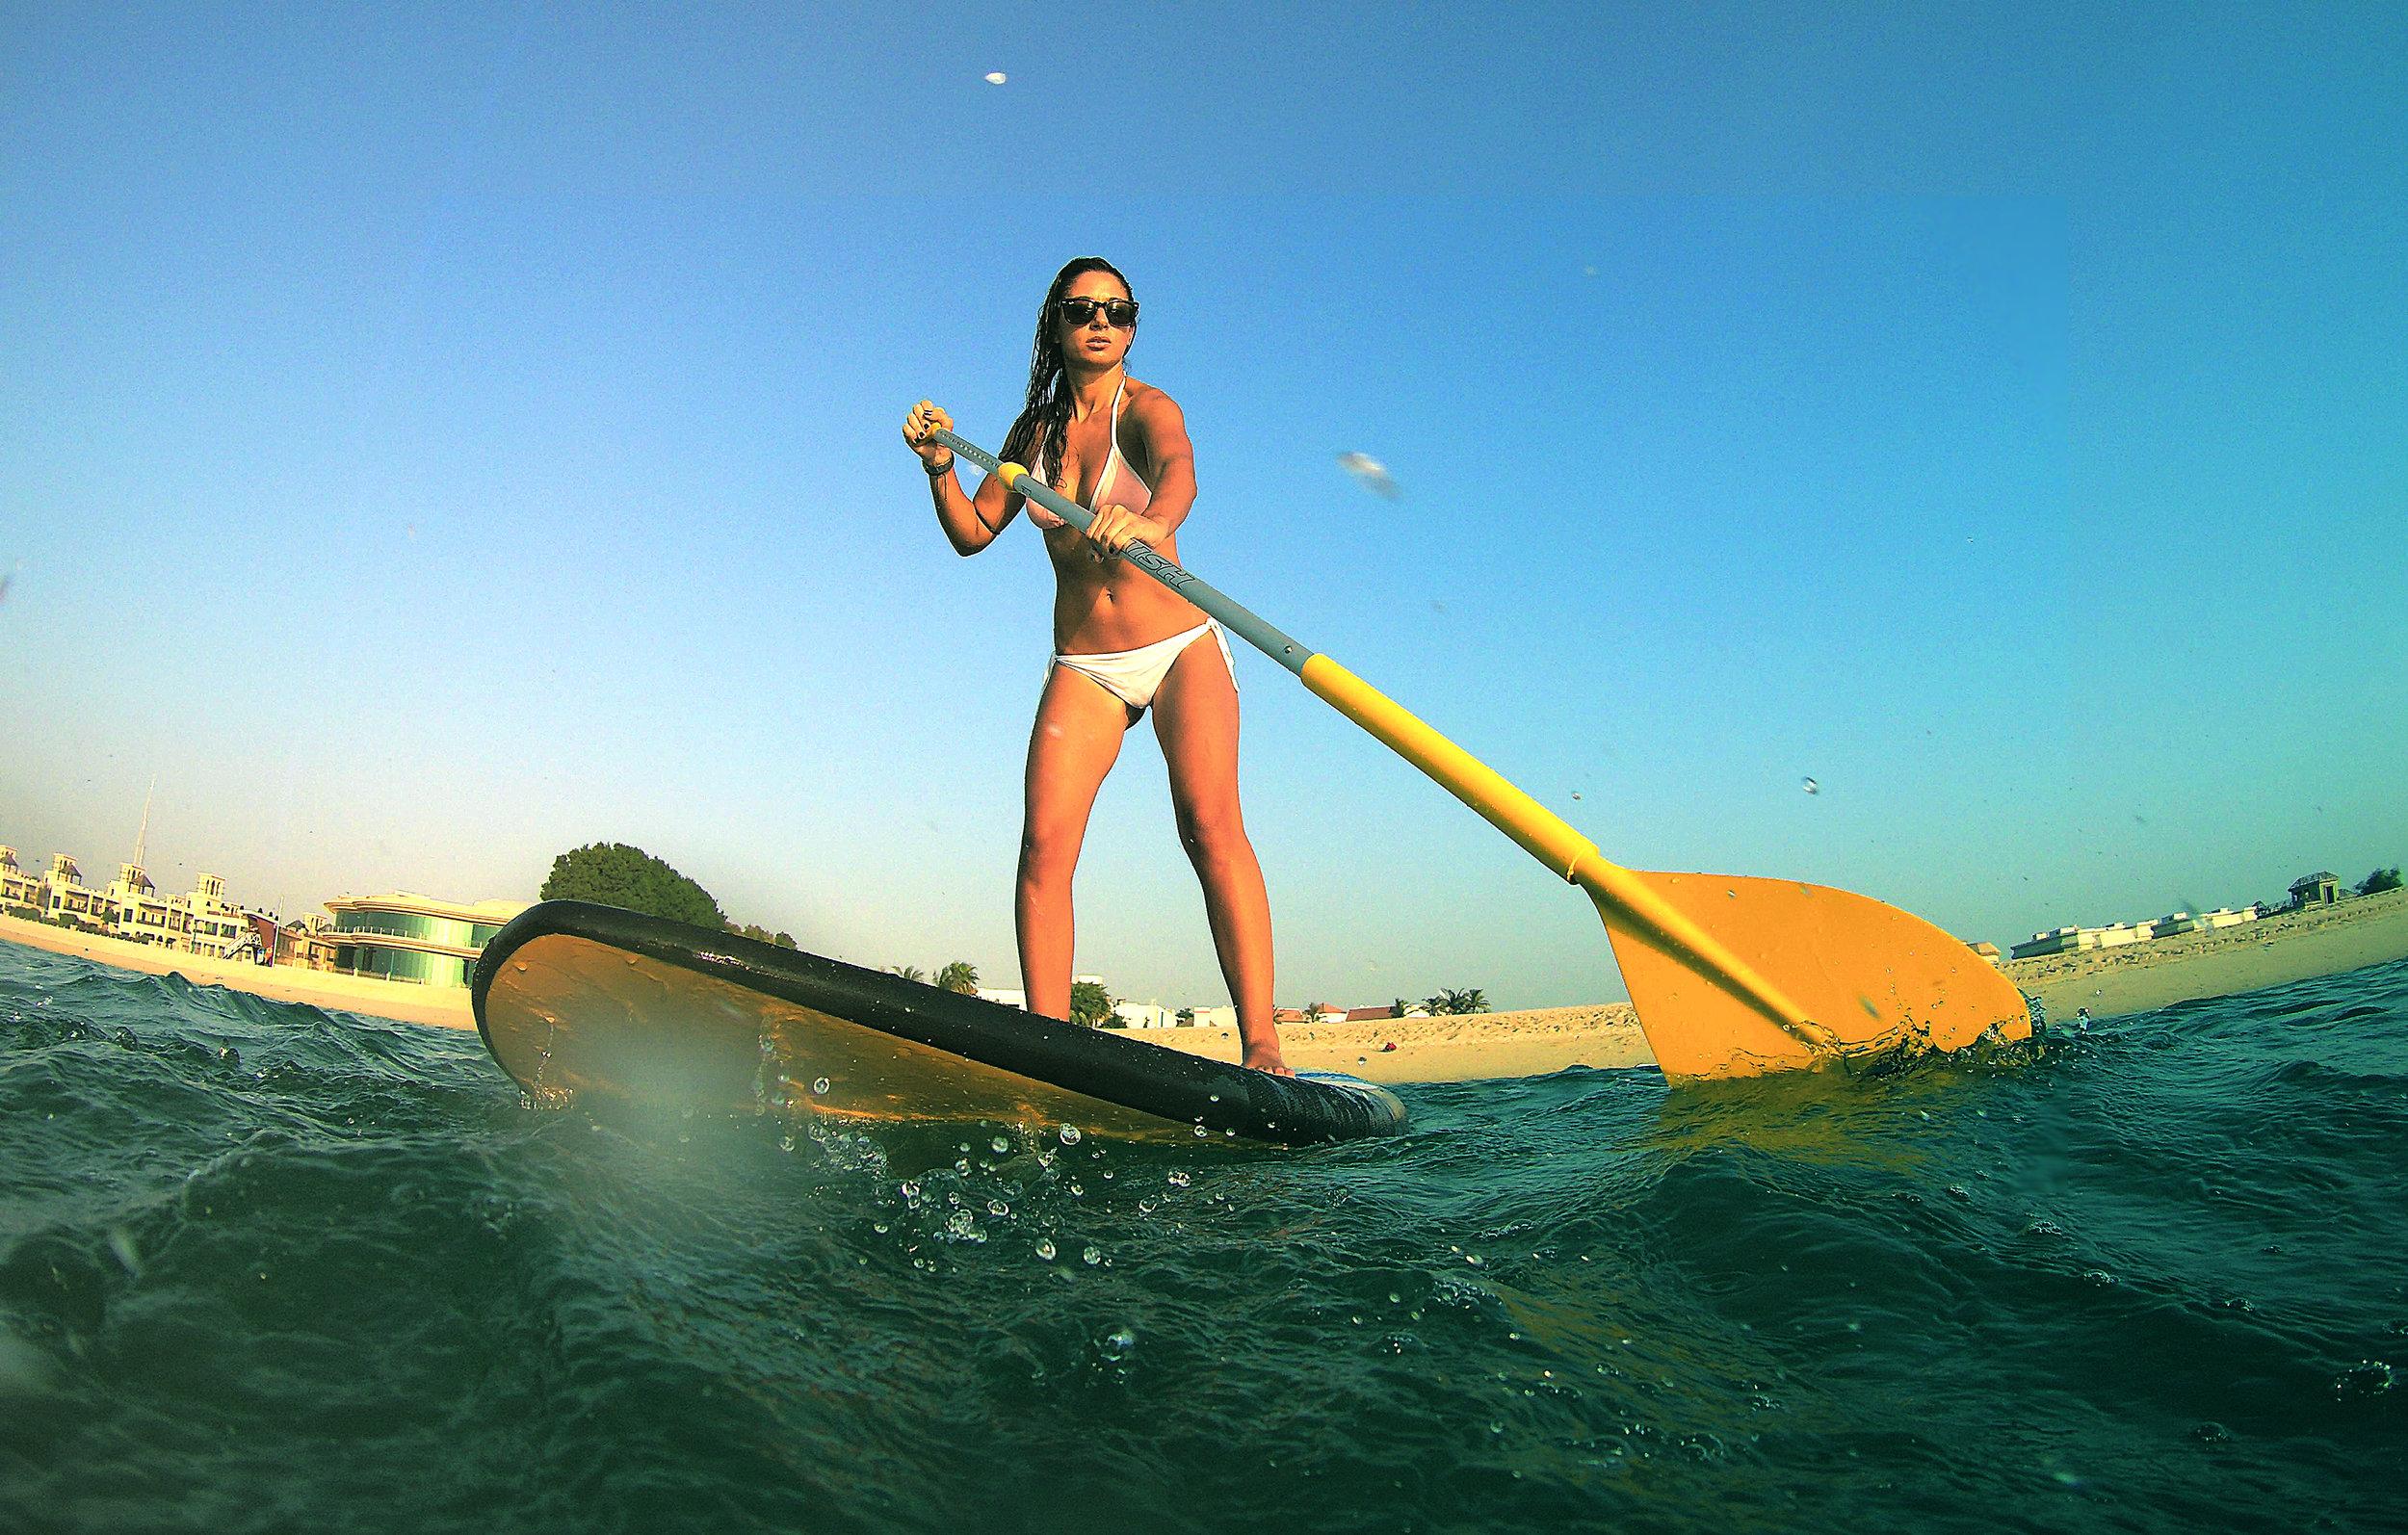 Dani paddling - close up paddle.jpg